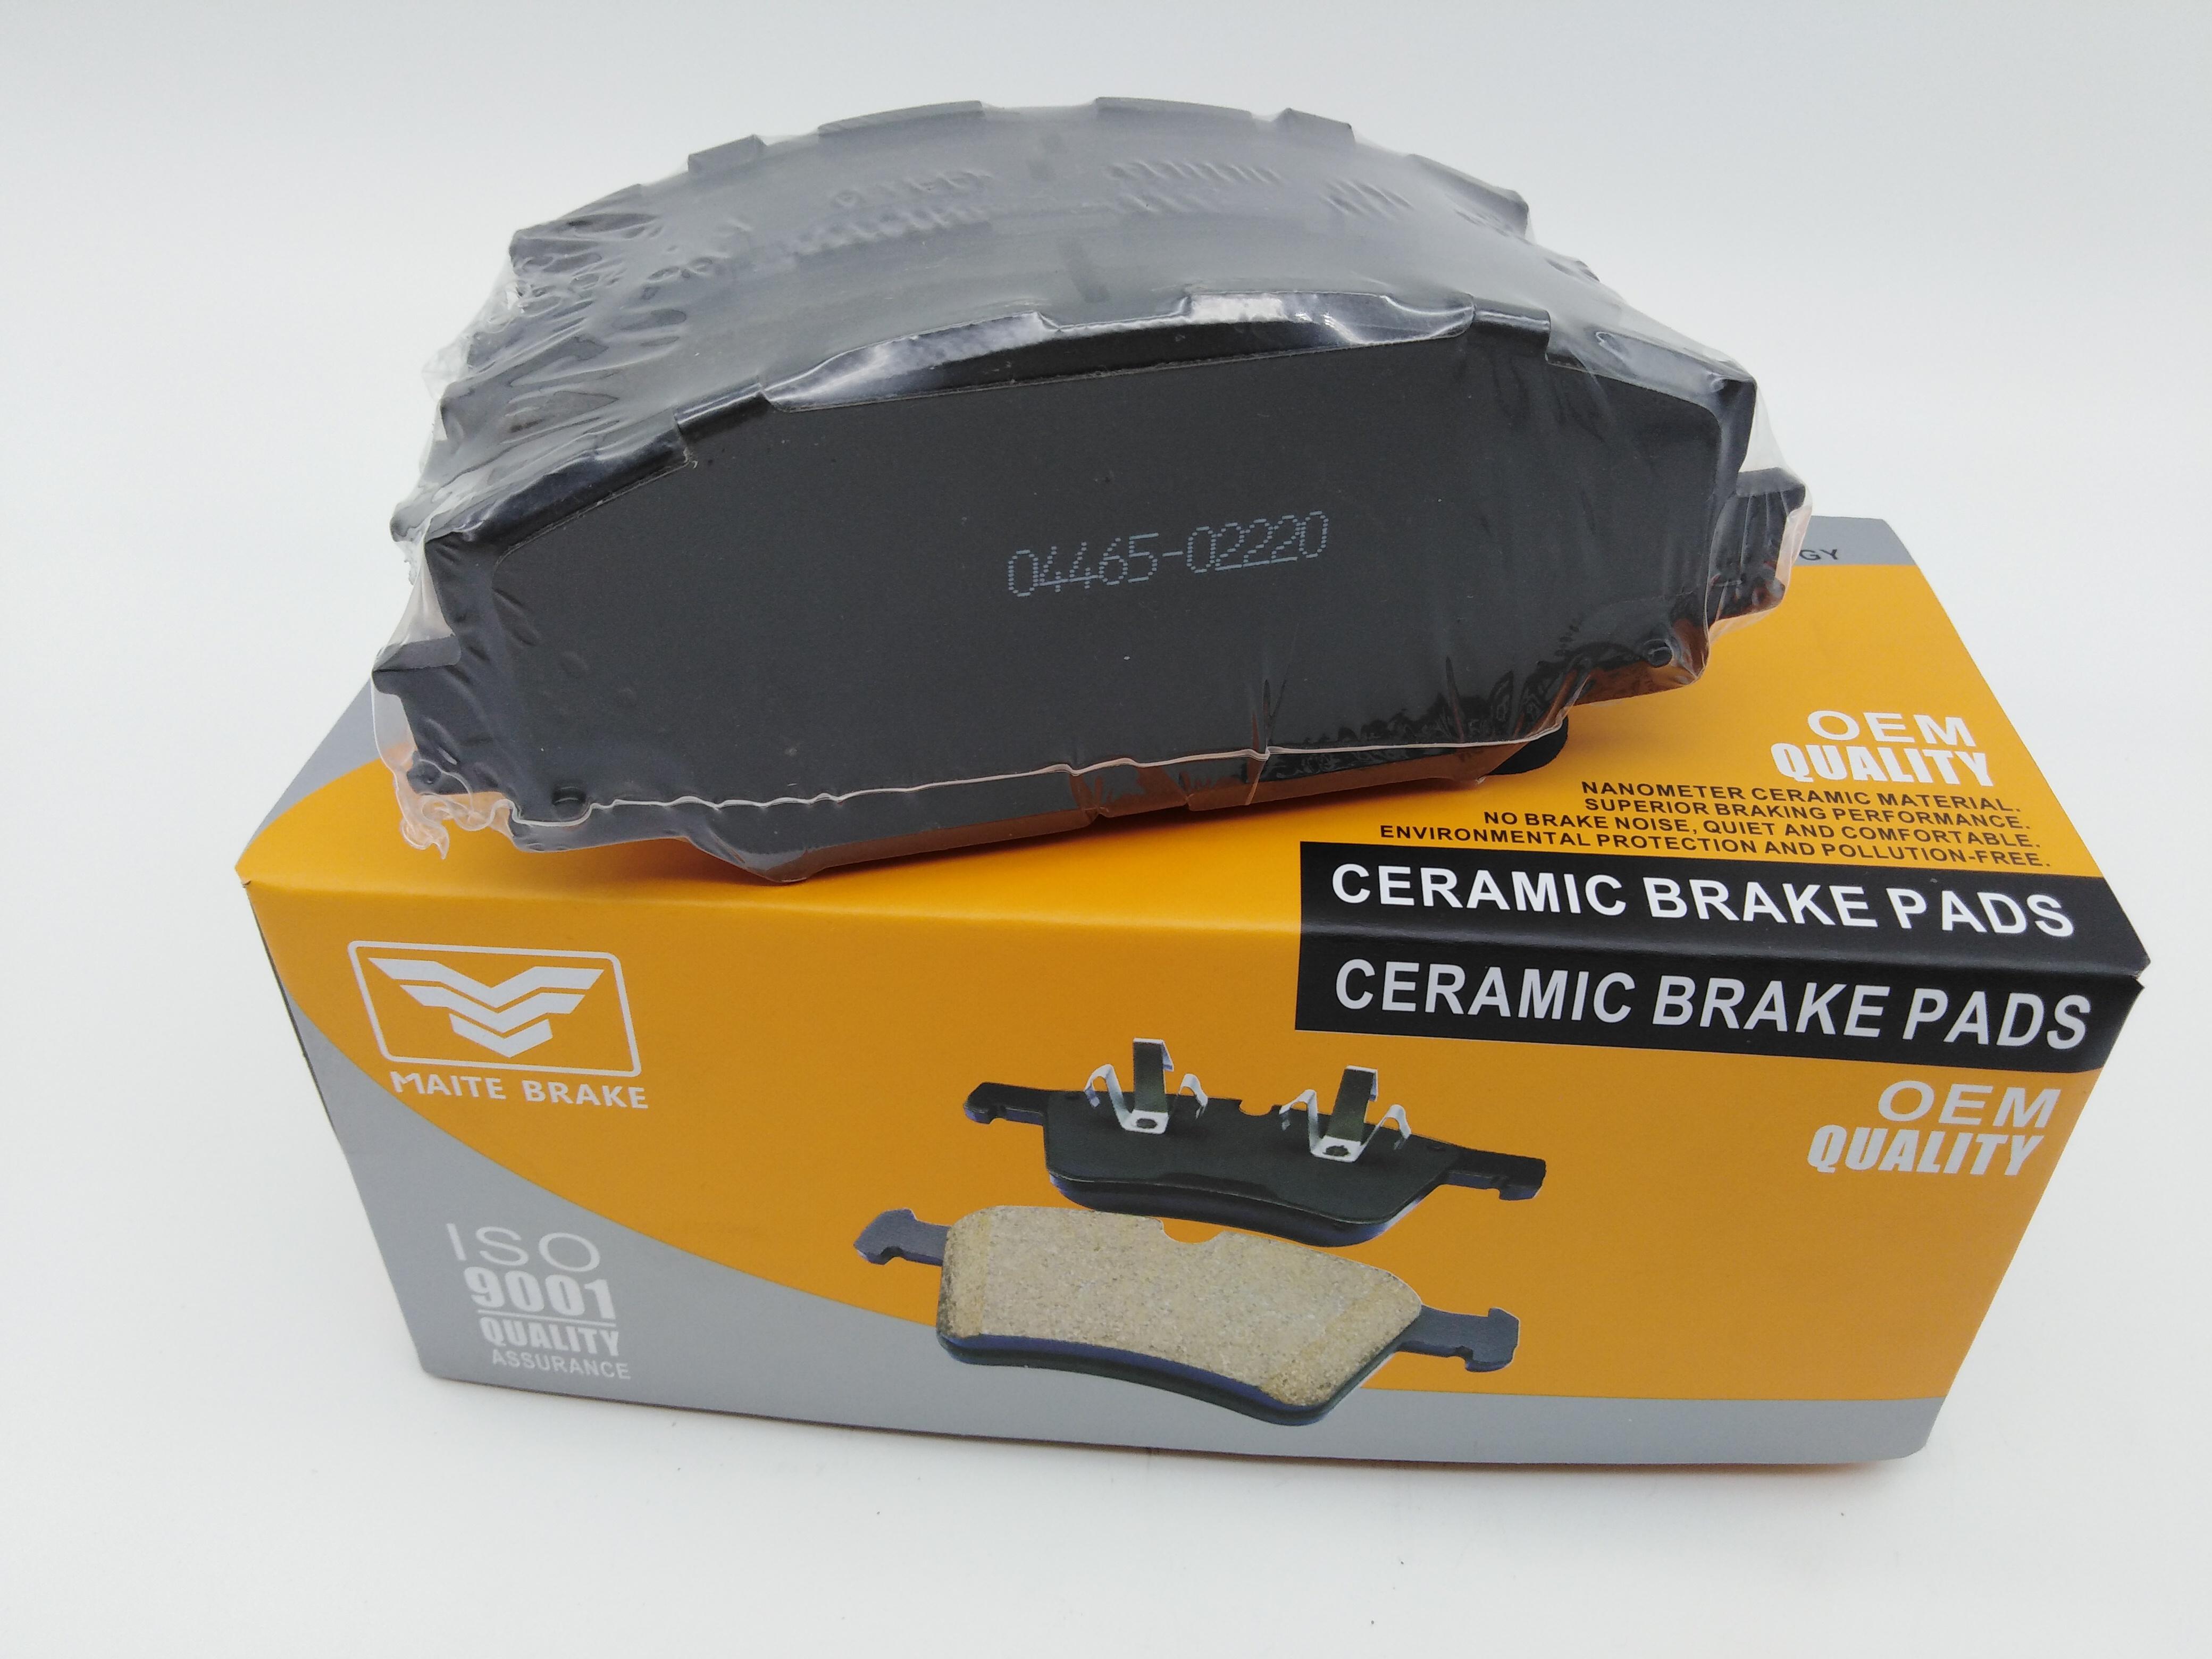 Car brake pads 04465-42160 D1210 break pads ceramic for toyota corolla front